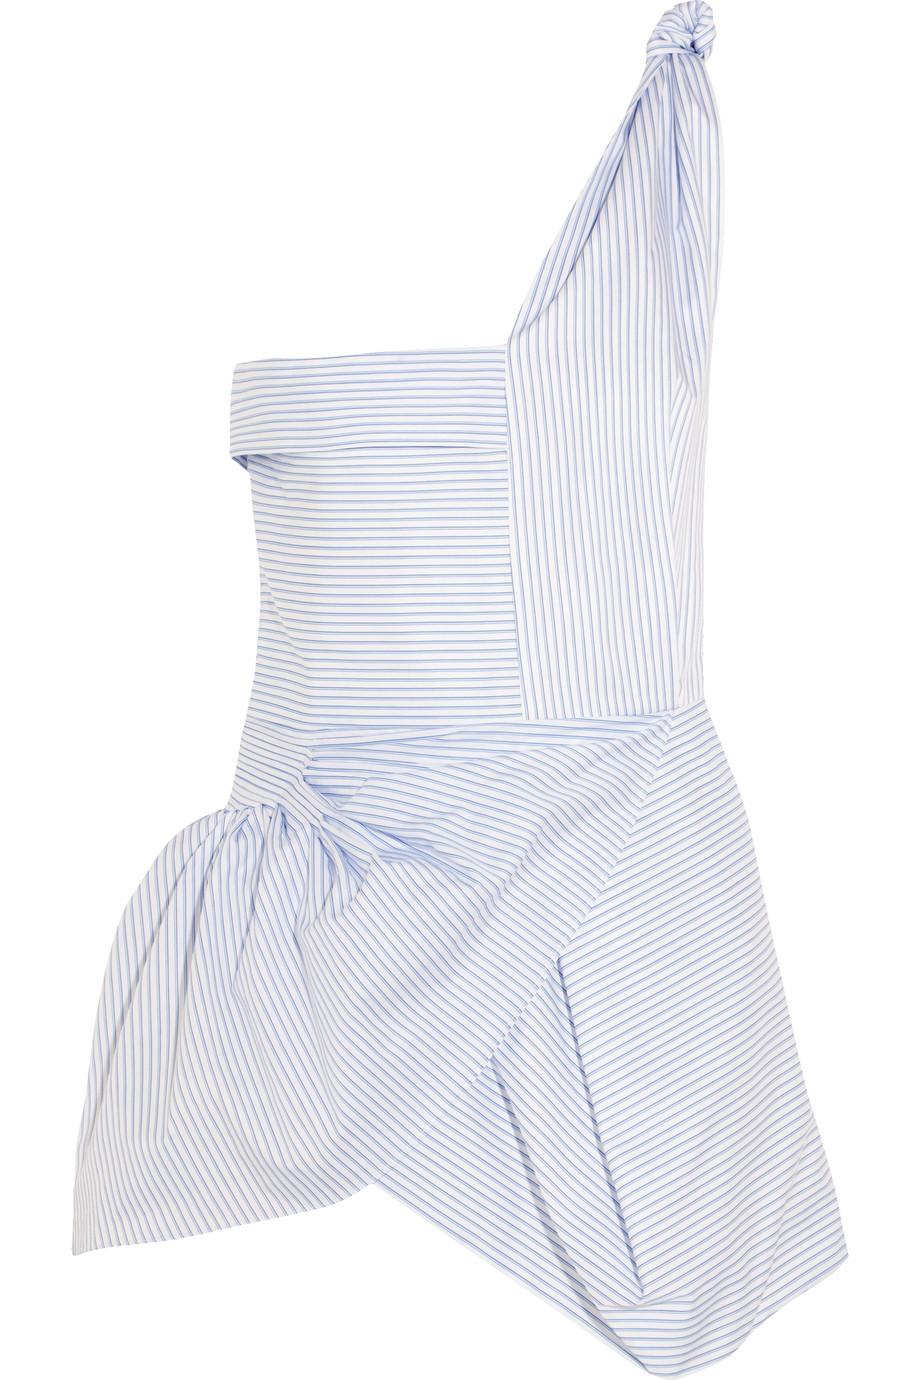 J.W.Anderson One-Shoulder Striped Cotton-Poplin Top, Light Blue, Women's, Size: 14